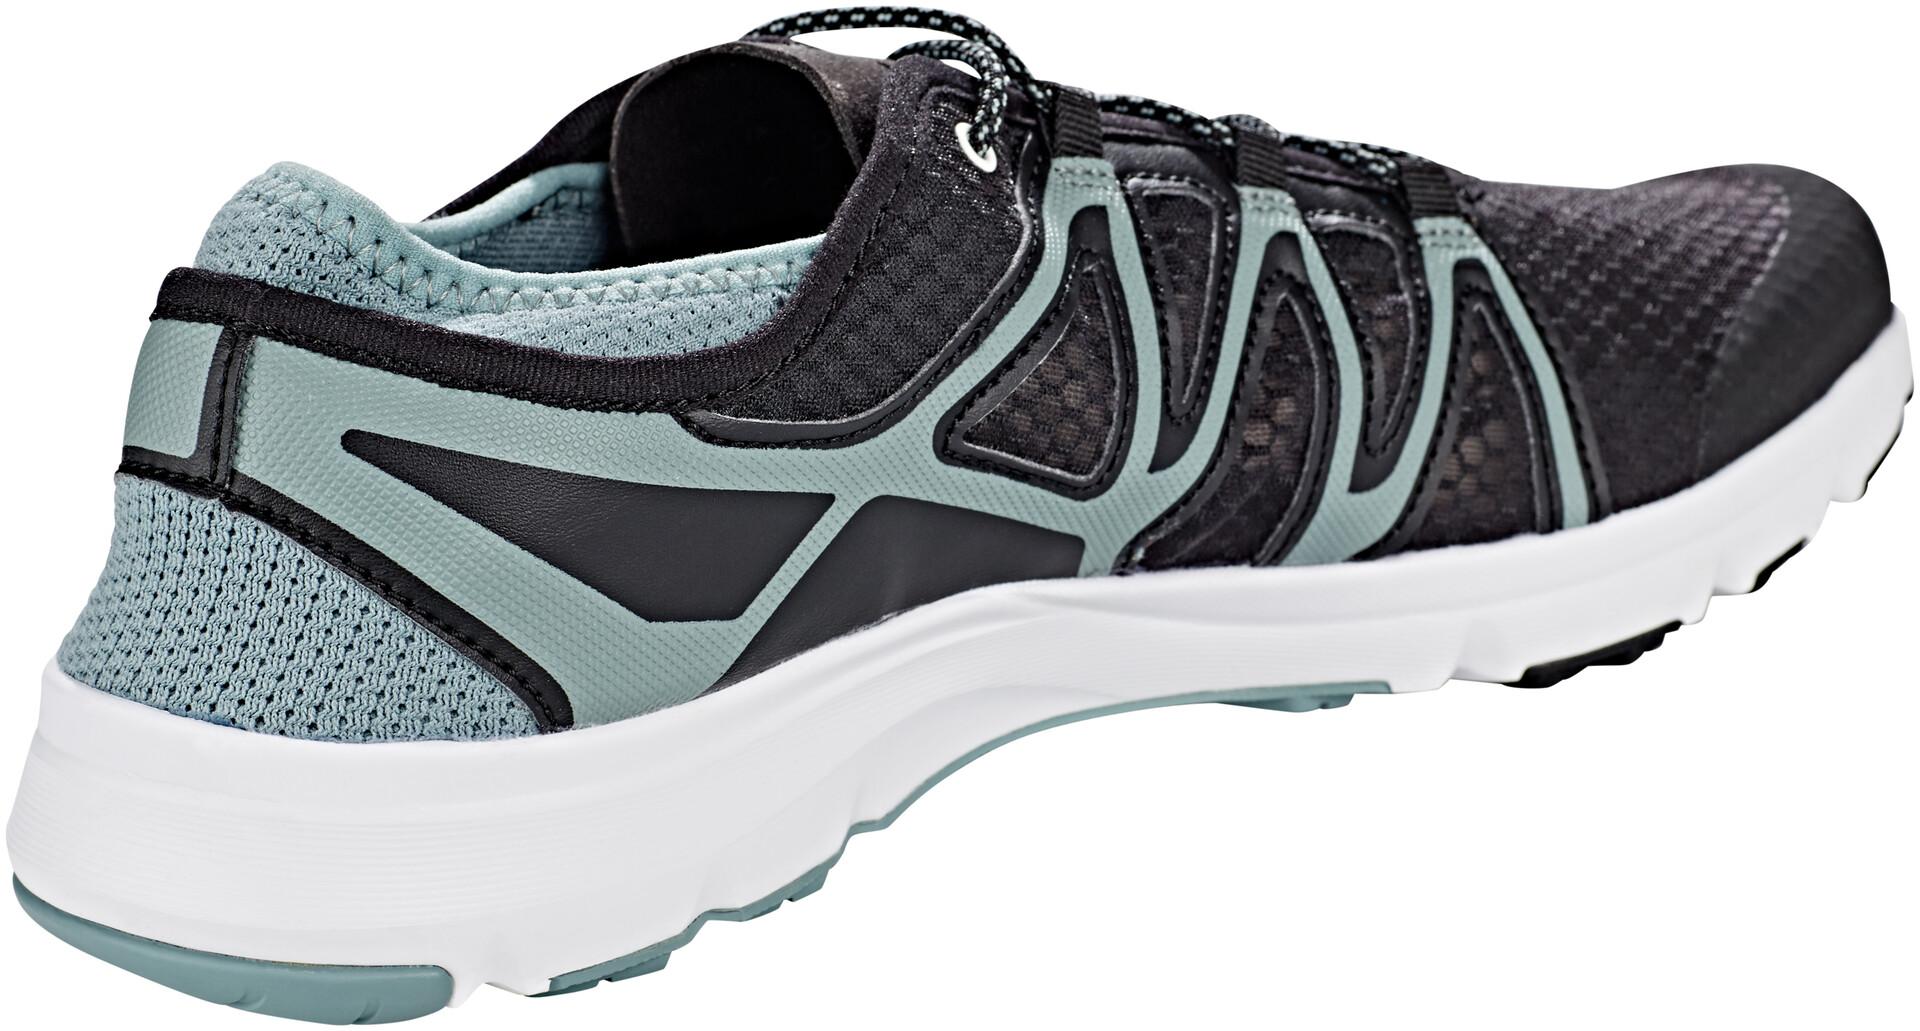 Salomon Crossamphibian Swift 2 Shoes Herre blackleadwhite